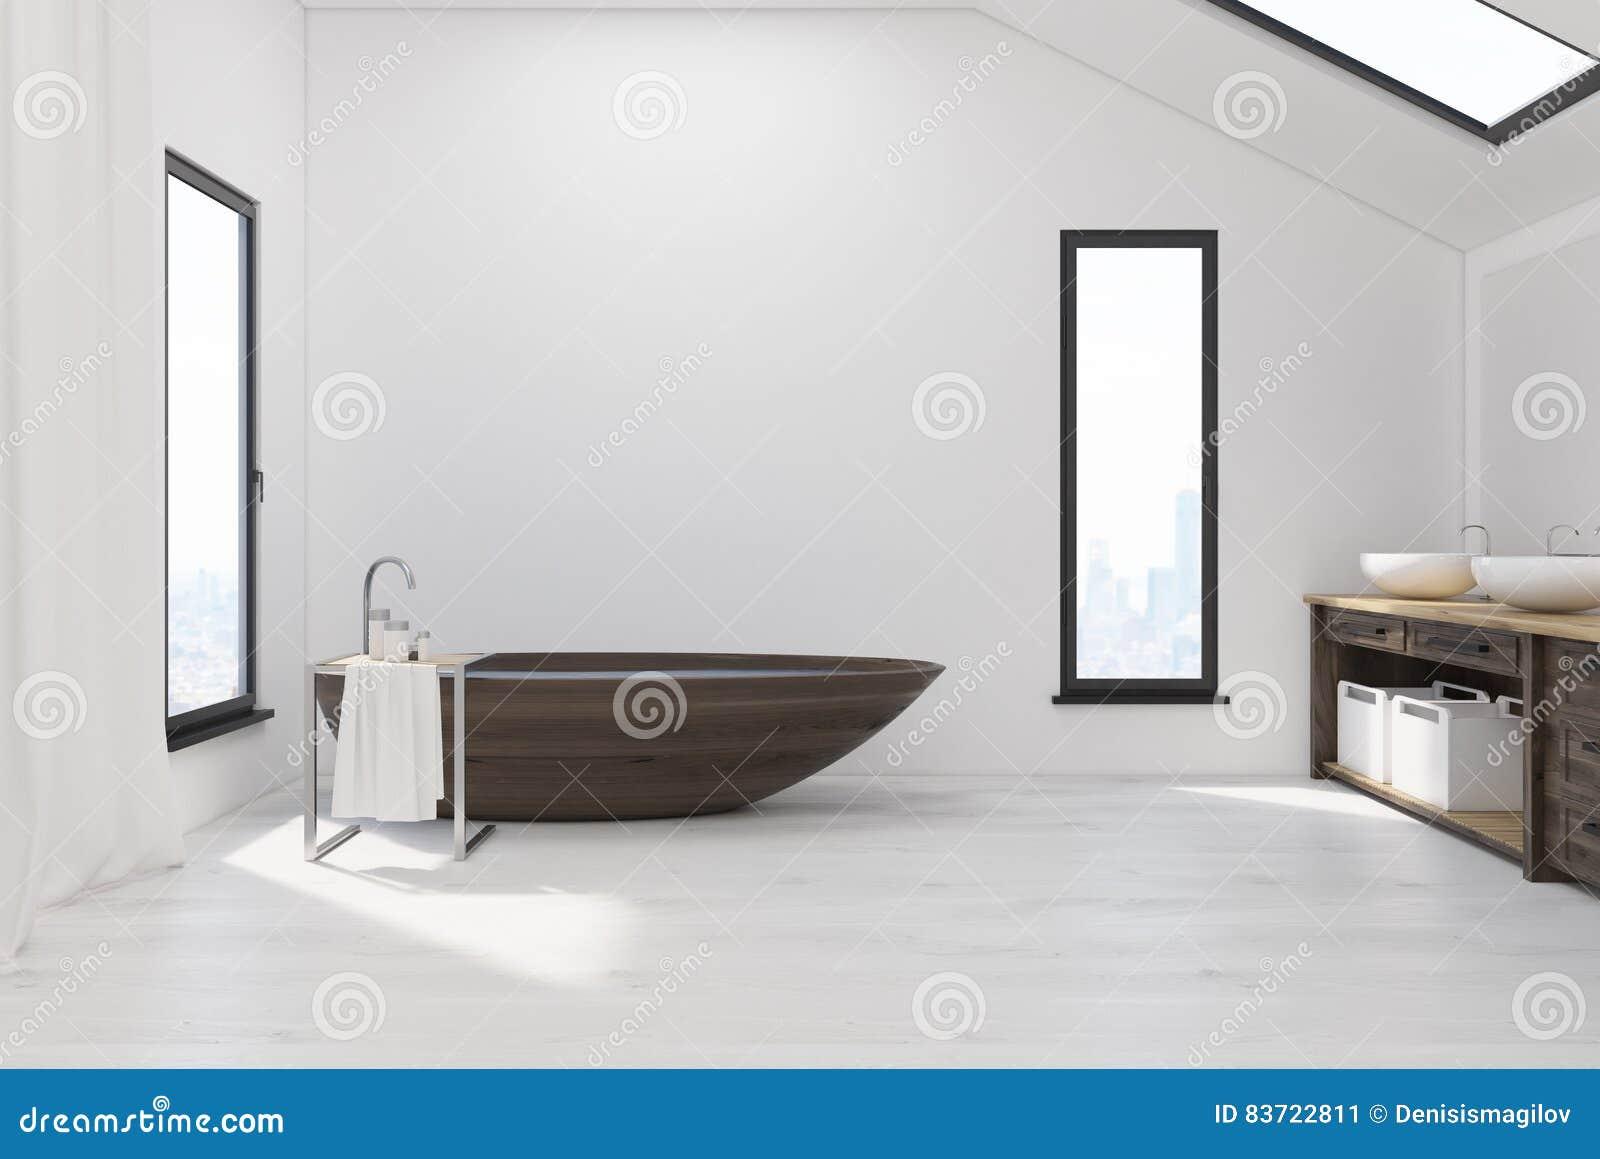 Badrummet i loft med trä badar